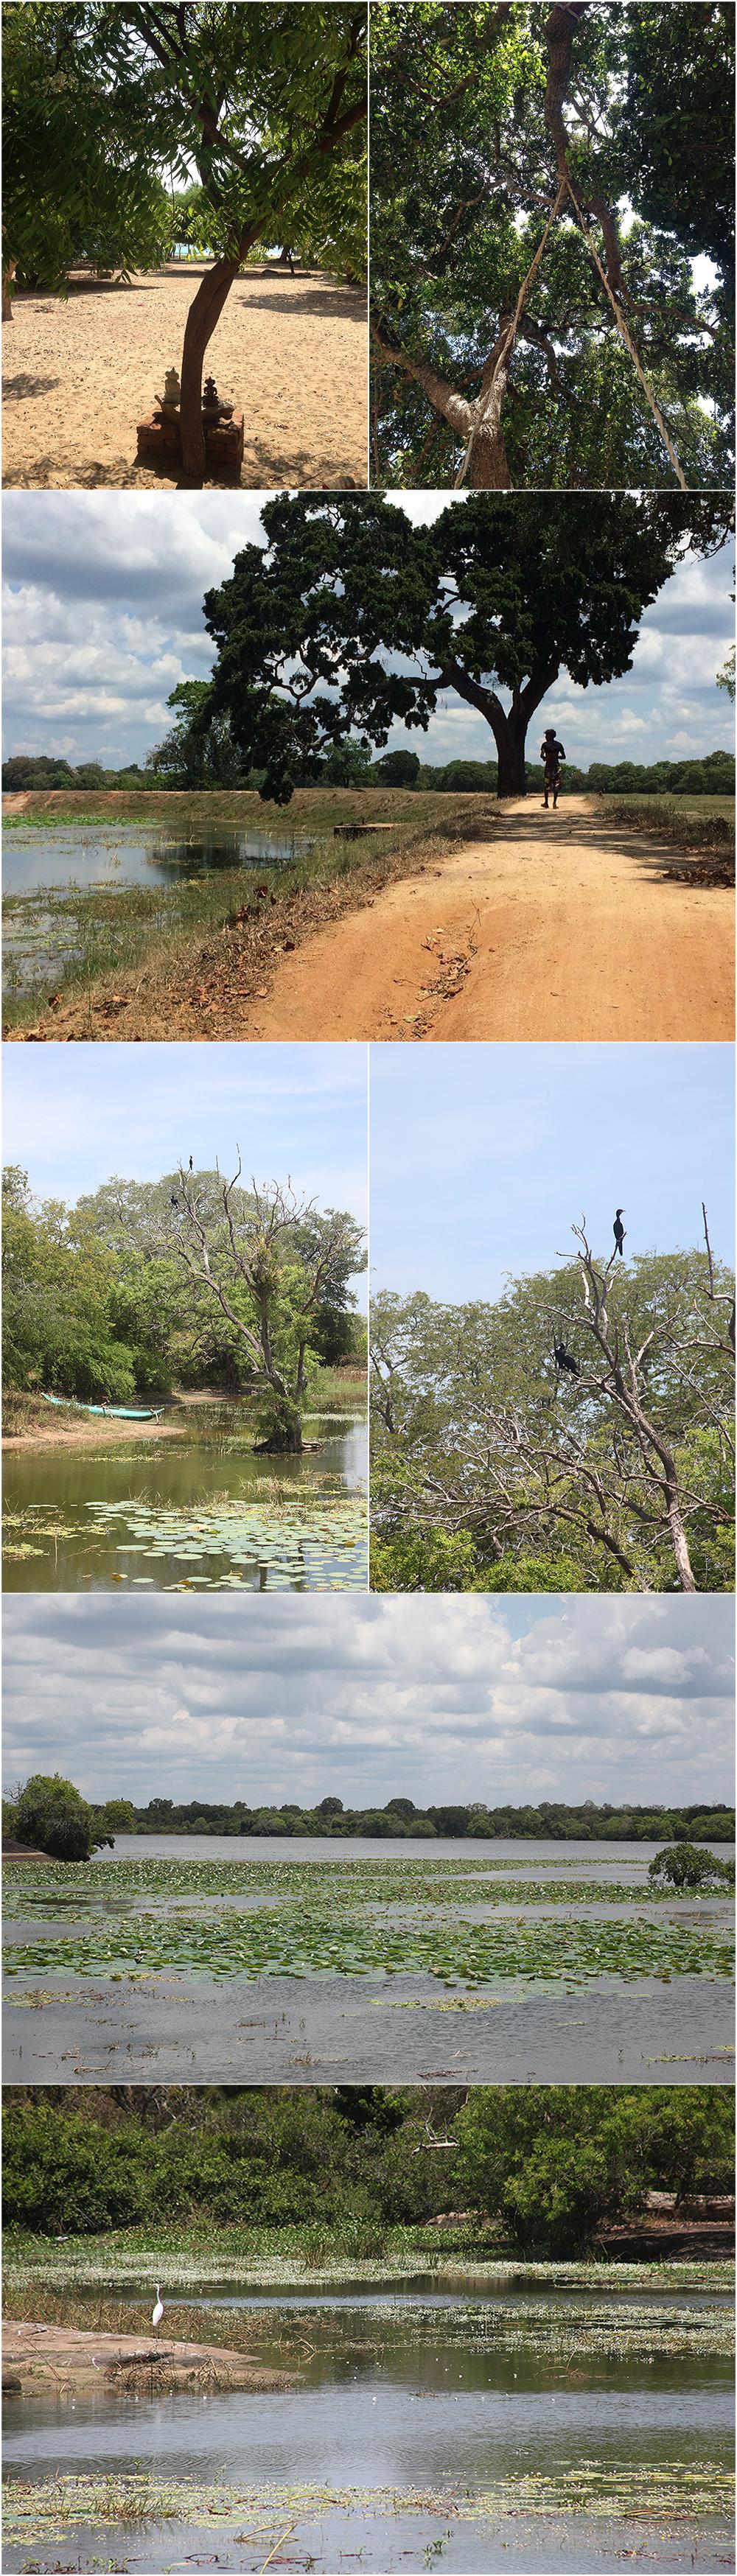 East Coast Sri Lanka nature